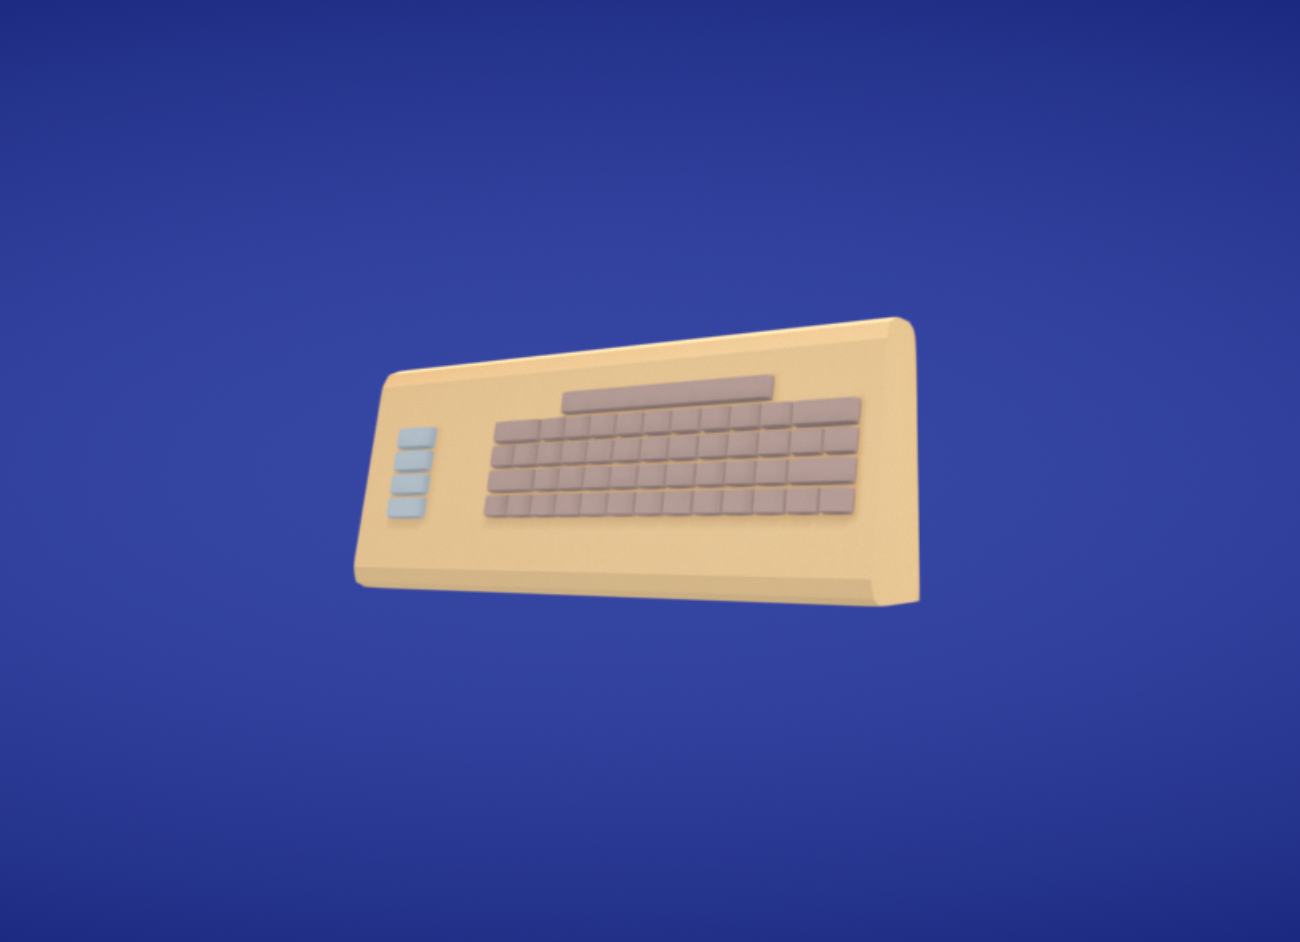 Capture d'écran 2017-11-15 à 11.10.55.png Download free OBJ file Commodore • 3D printable template, Colorful3D